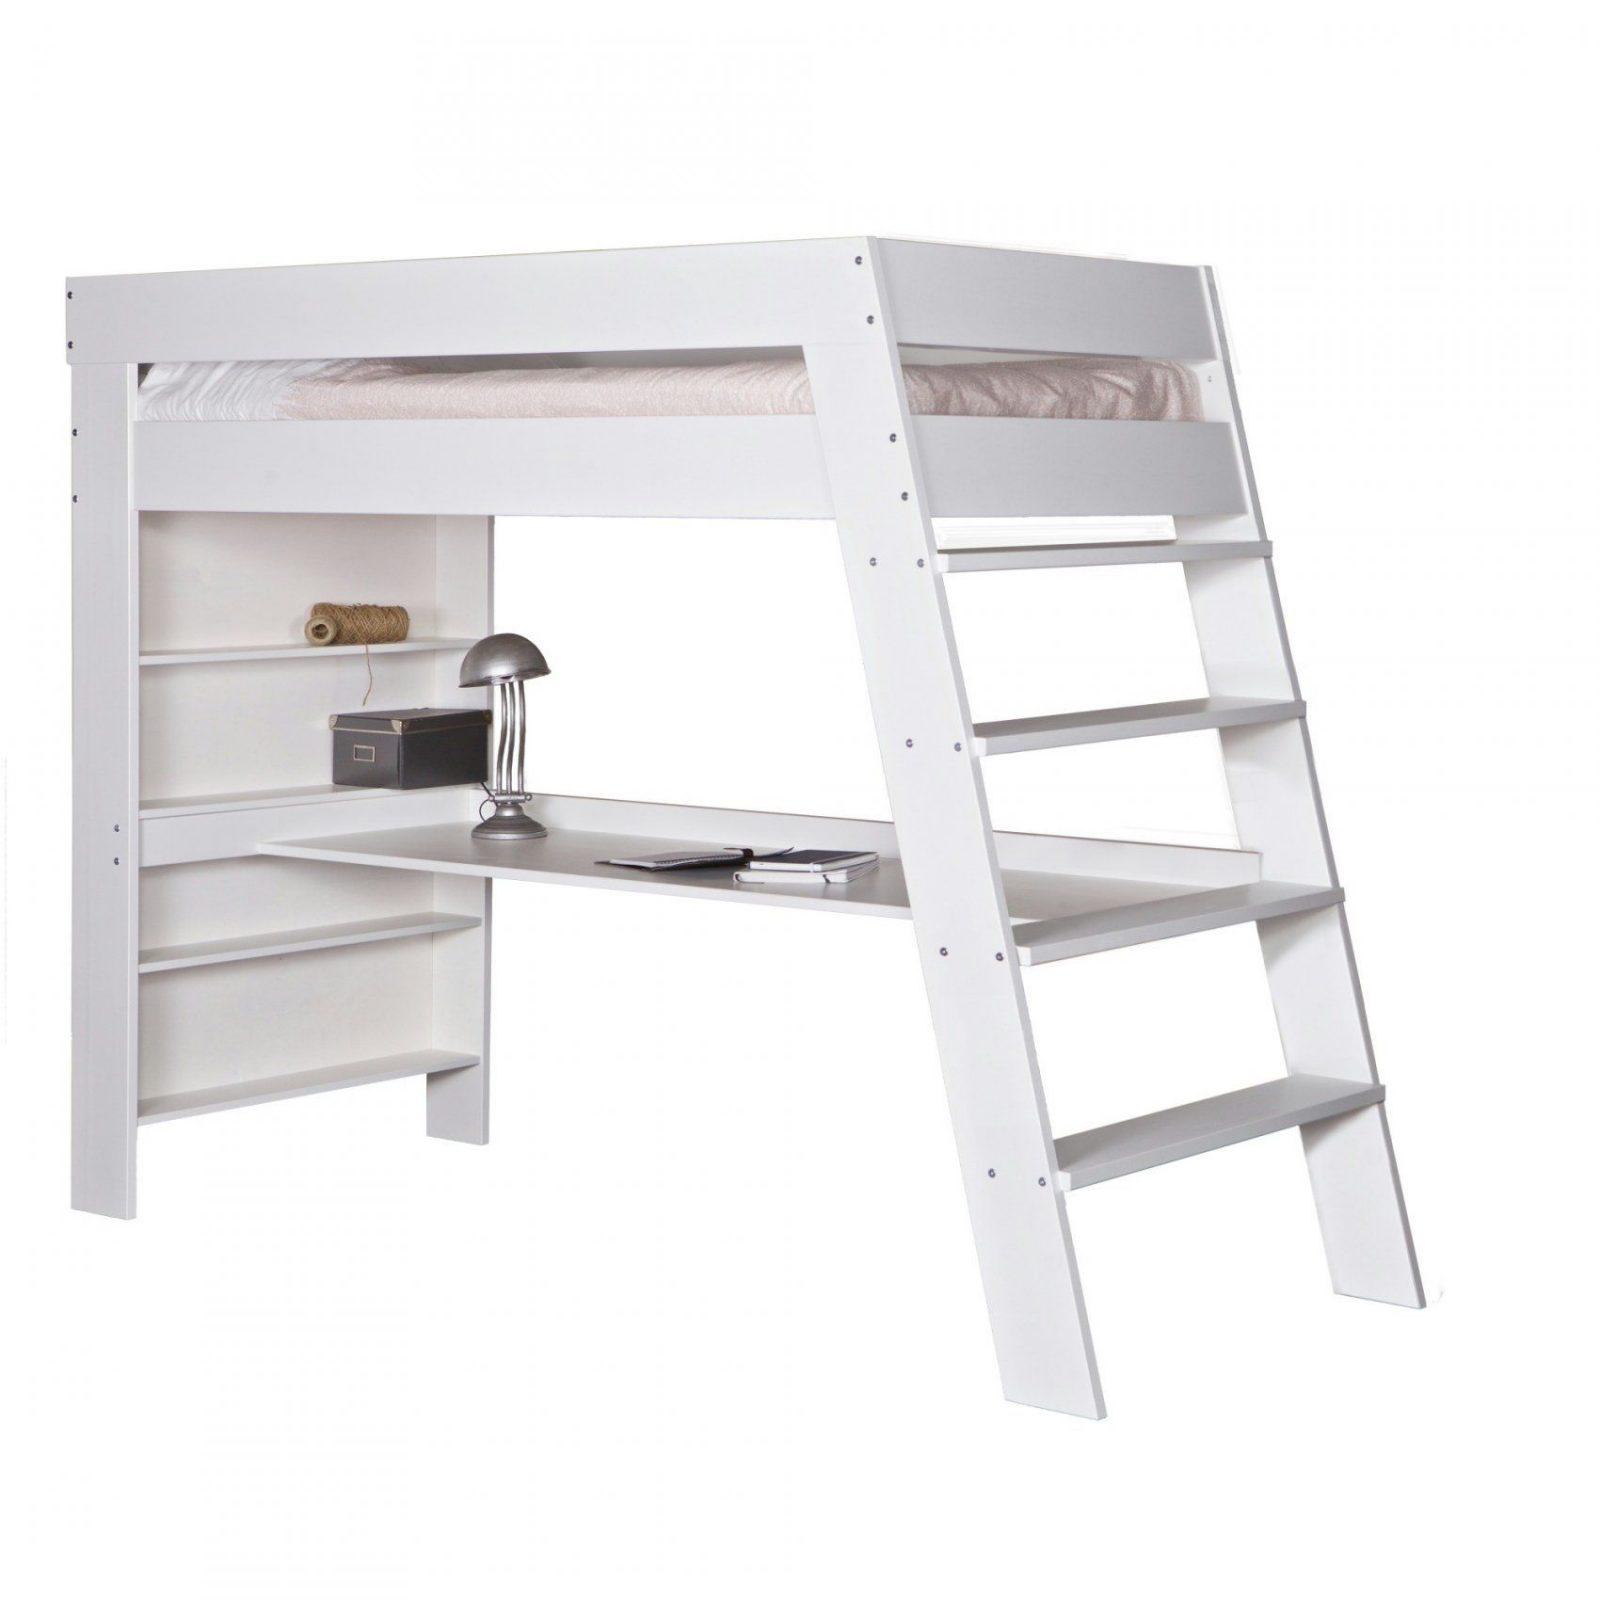 Schön Woood Hoogslaper Juli N 96X247X179 Cm Zum Hochbett Mit von Hochbett Mit Schreibtisch Ikea Bild